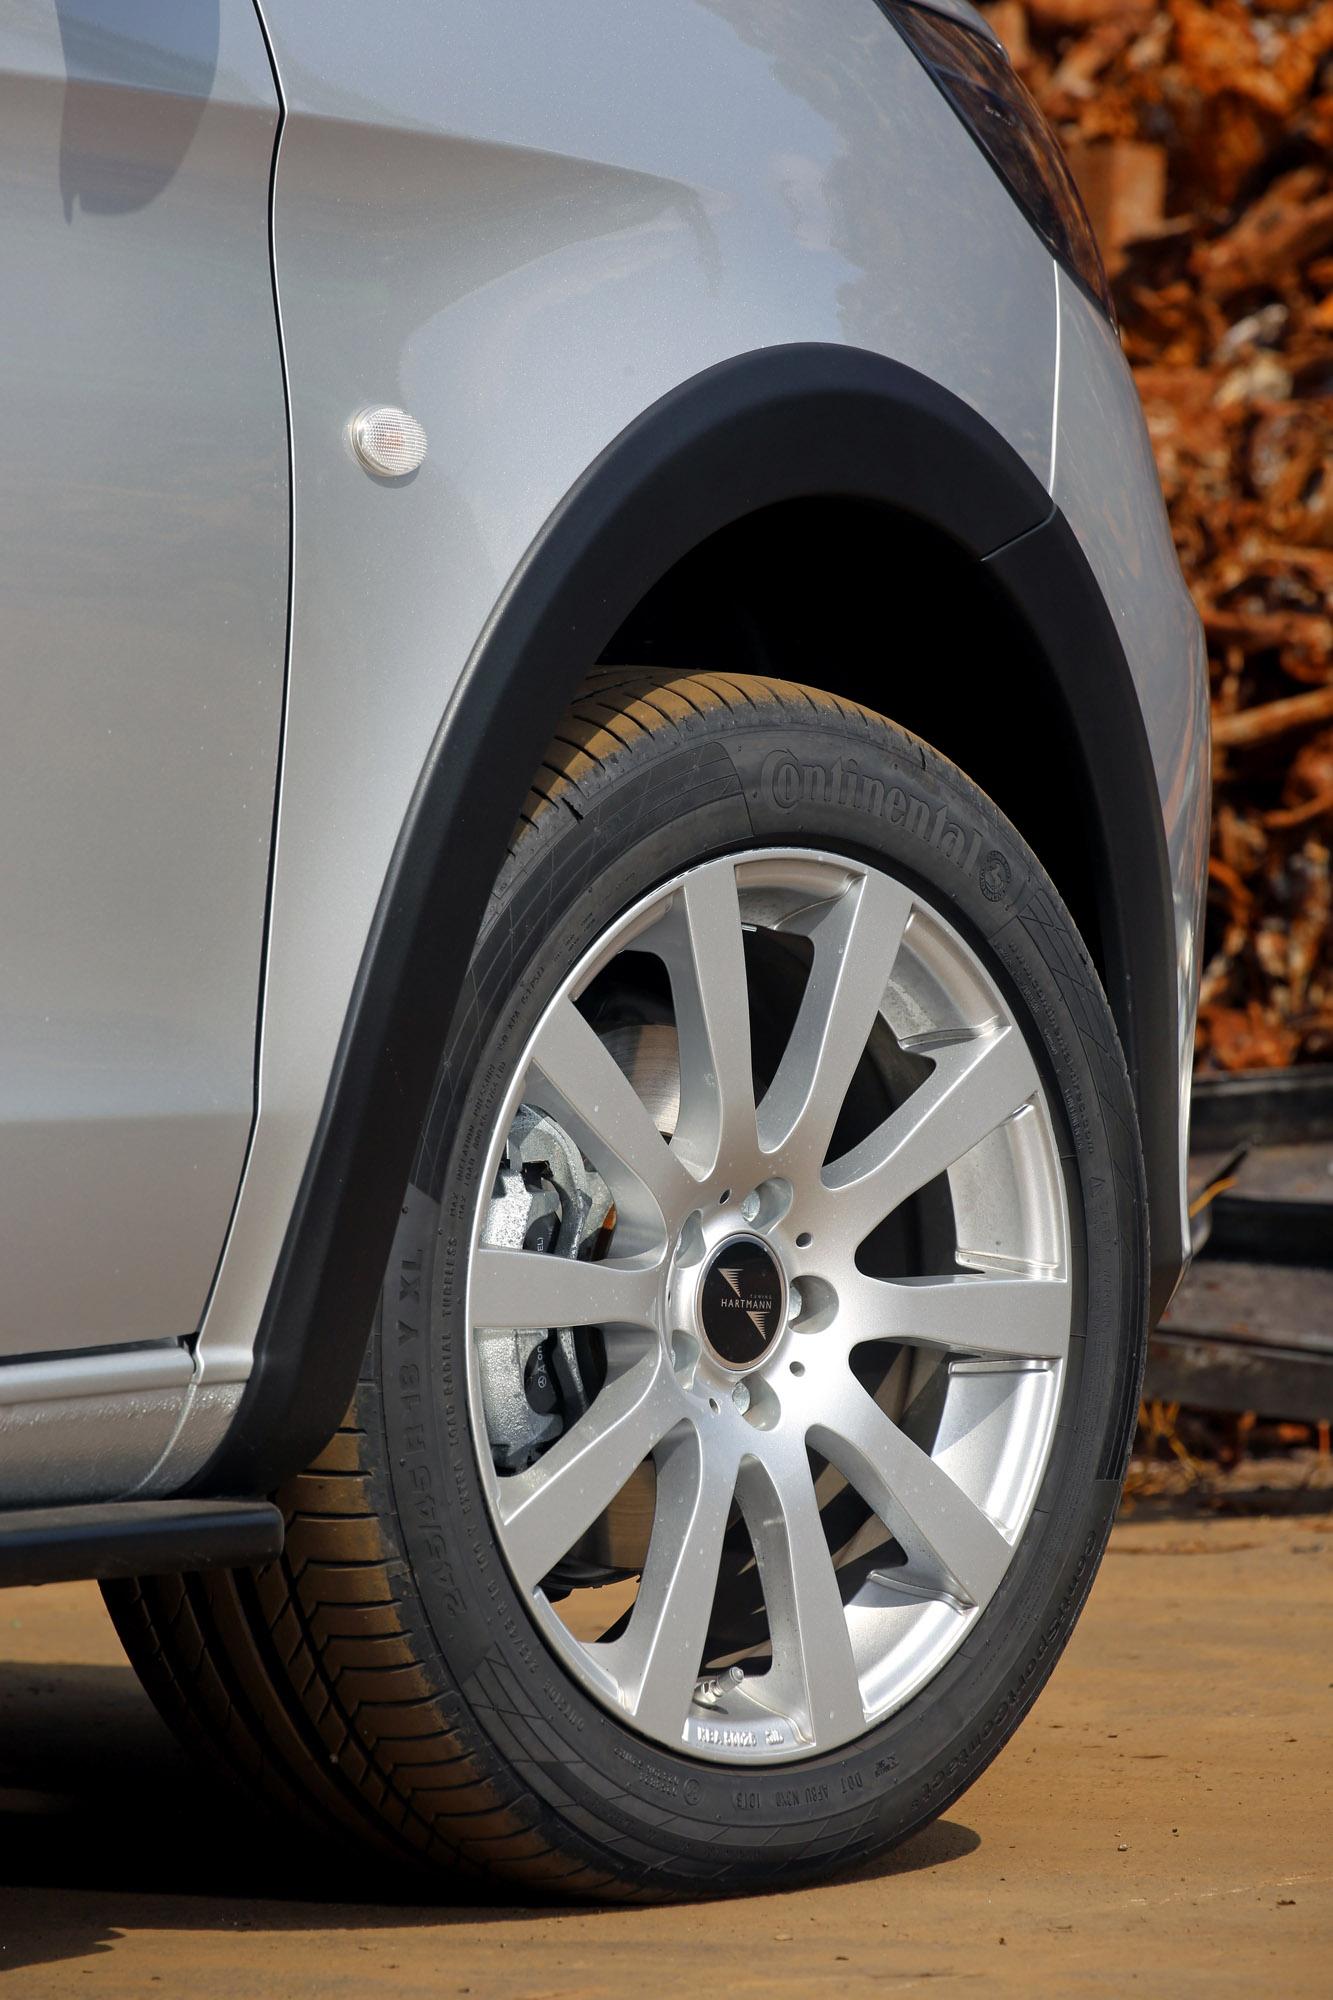 Комплект называется VP Gravity и включает передние и задние накладки, дополнительные детали для крыльев, которые защищают автомобиль, а также улучшают визуальную экспрессию. Существует также съемная конструкция для прицепа. Кроме того, в пакет входит